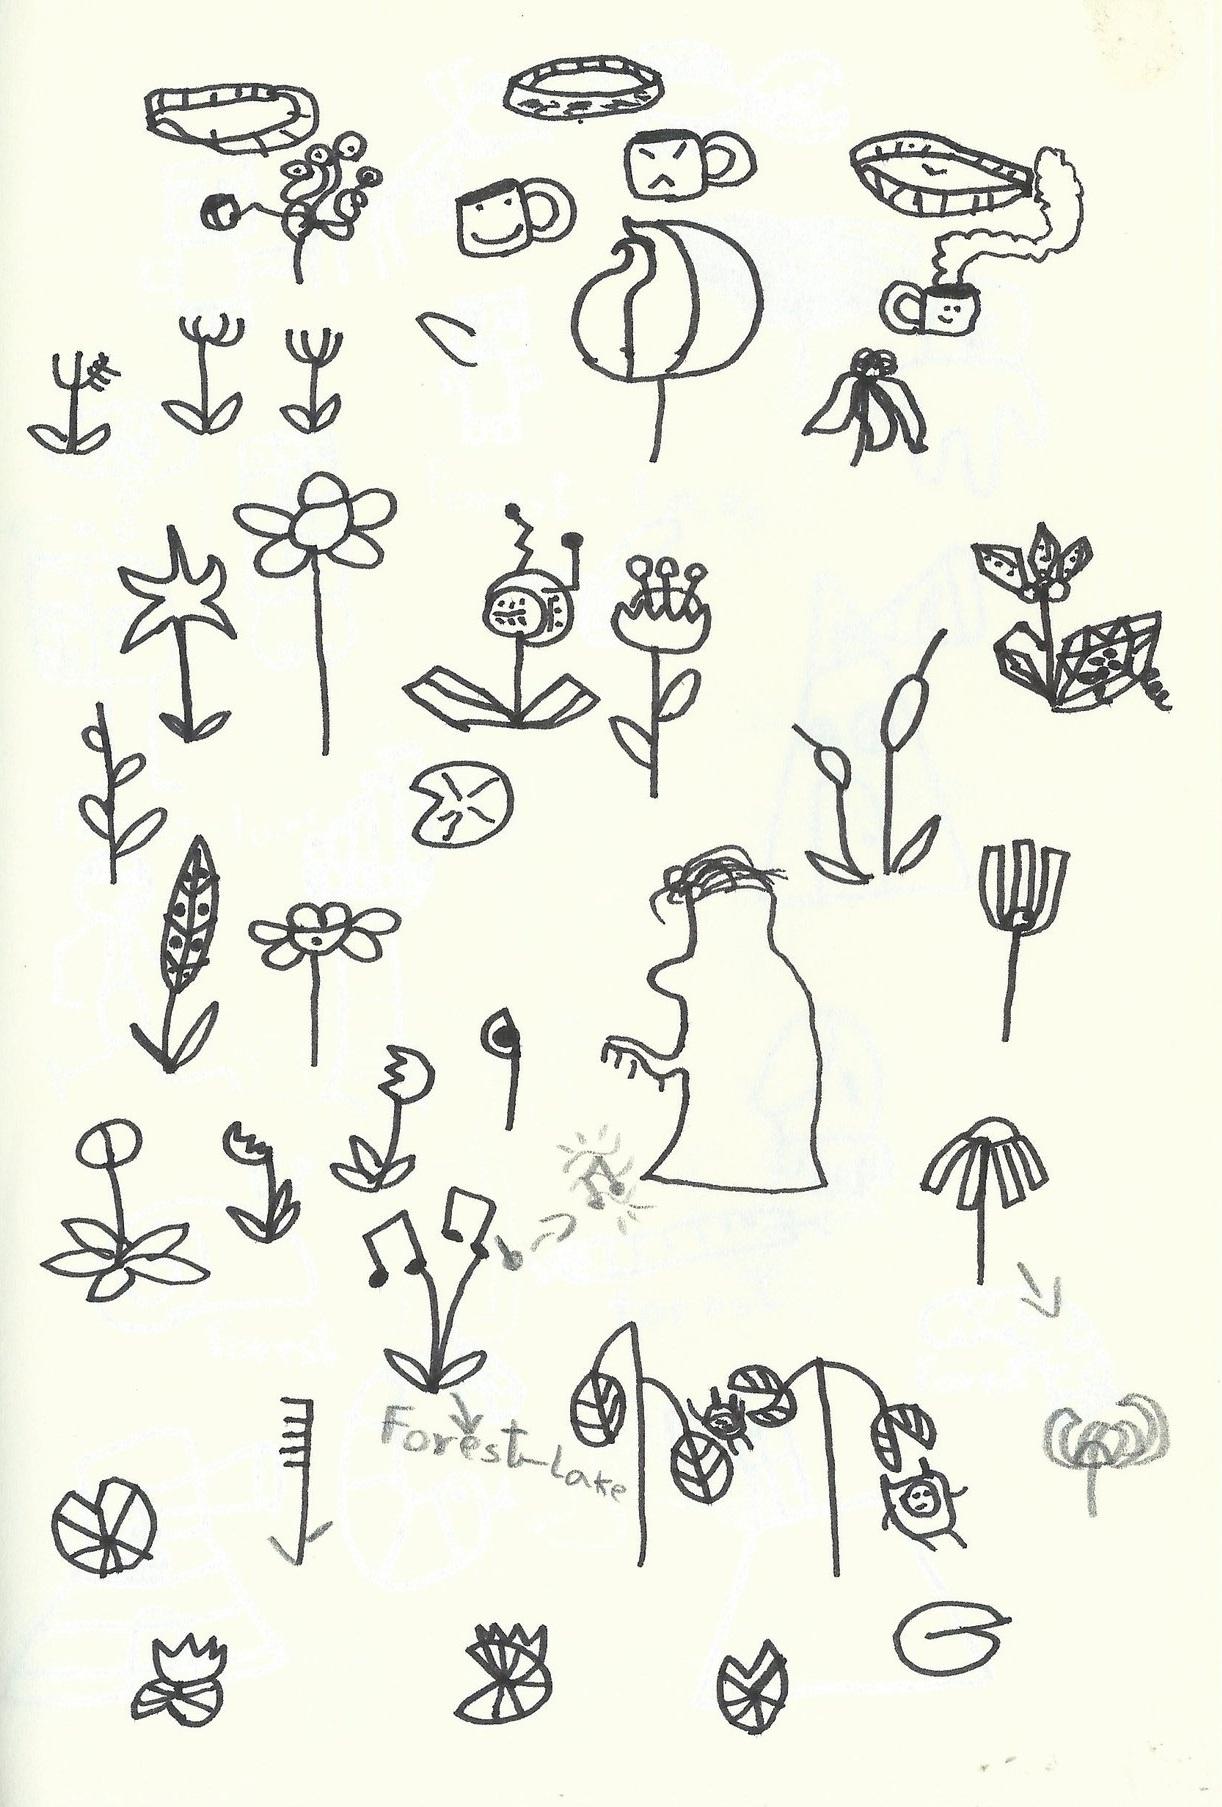 Interactif-plants-2.JPG